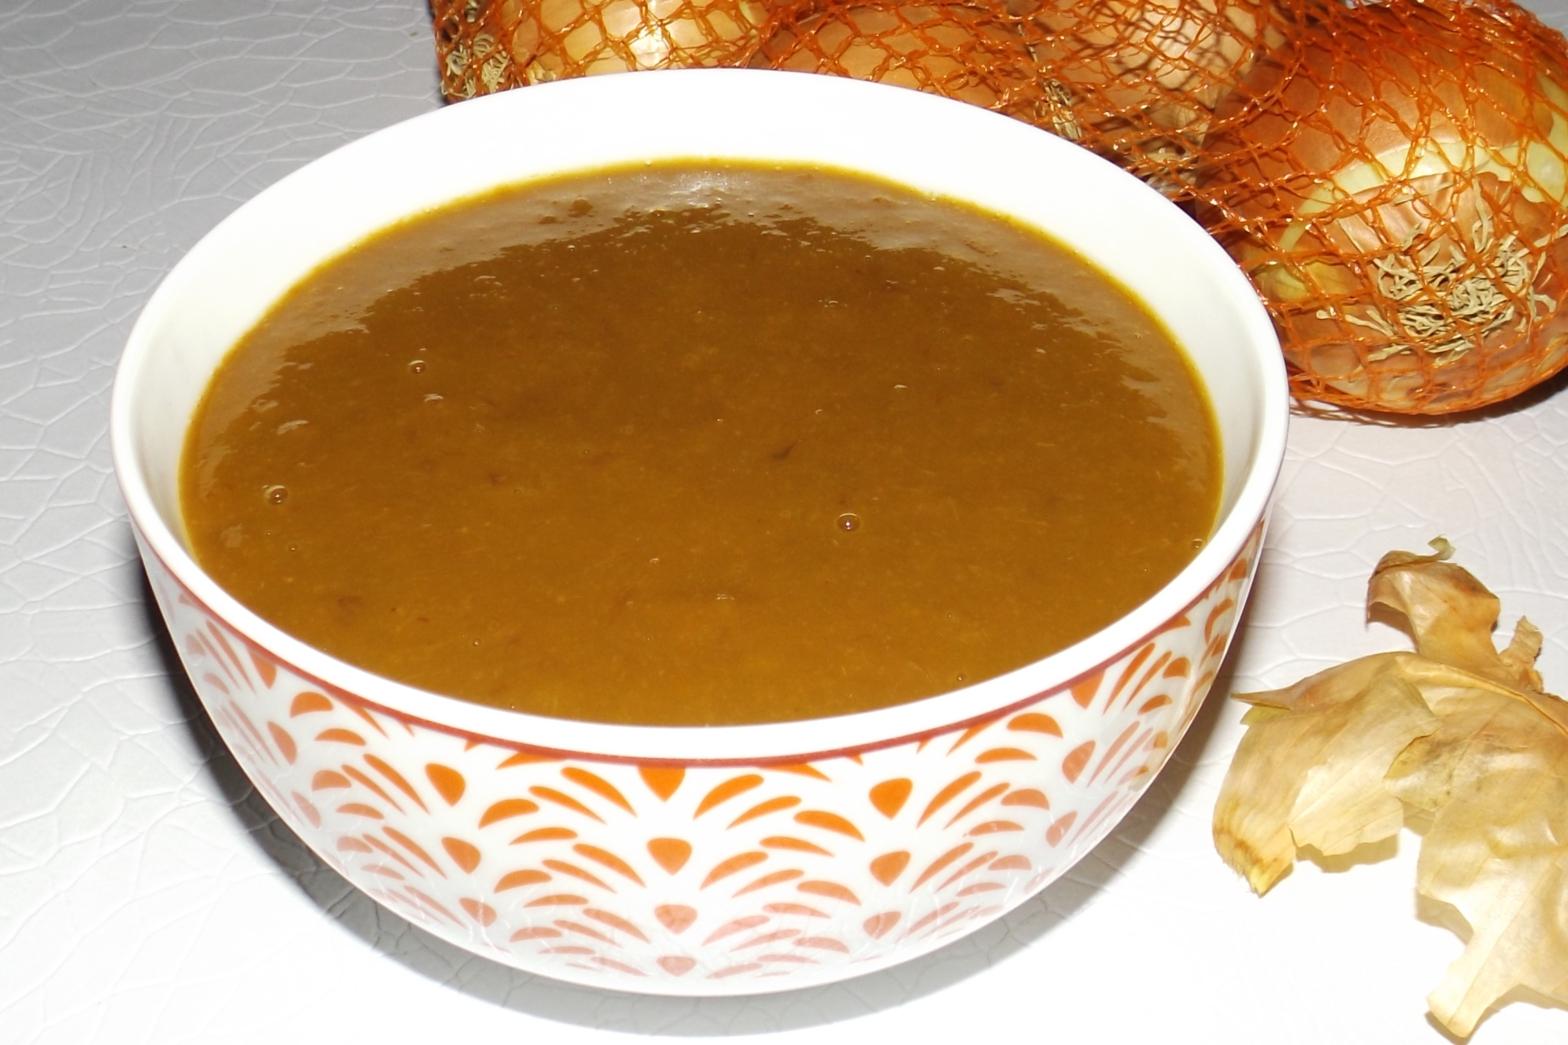 Cette image a un attribut alt vide; le nom du fichier est soupe-aux-pelures-doignon.jpg